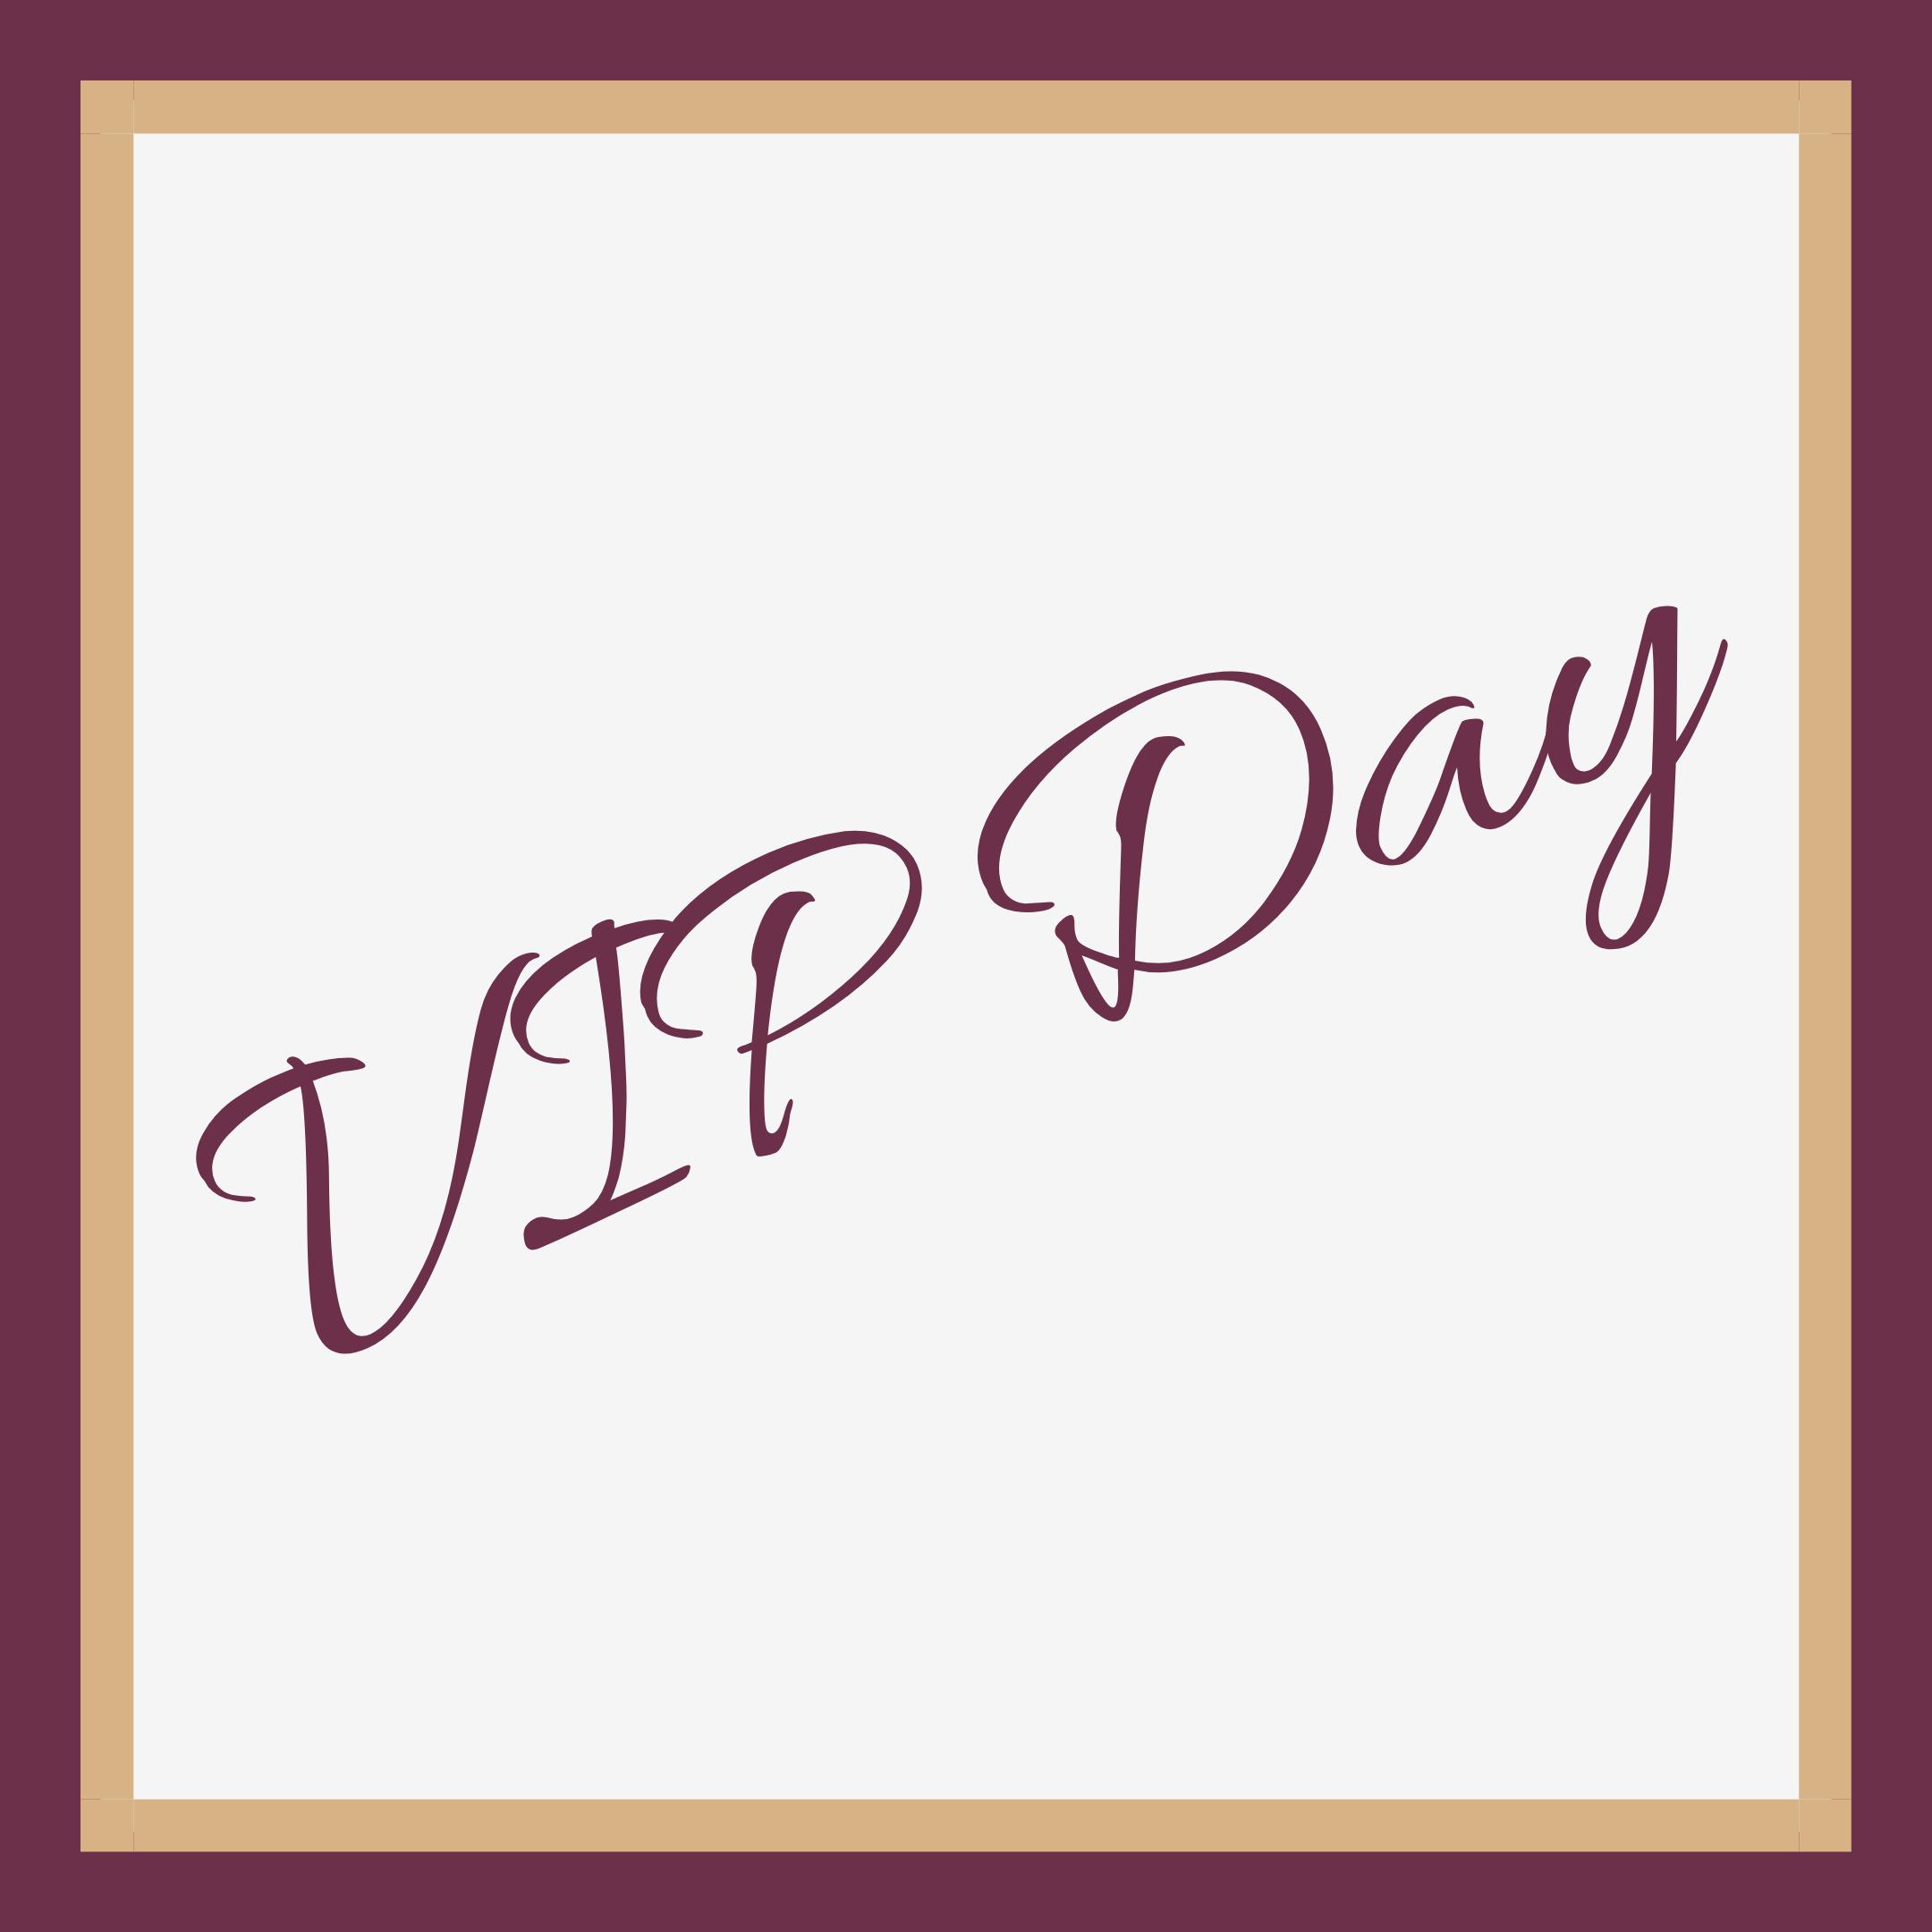 Journée Intensive - Pour débloquer - Maintenant - un point particulier qui t'empêche d'avancer.